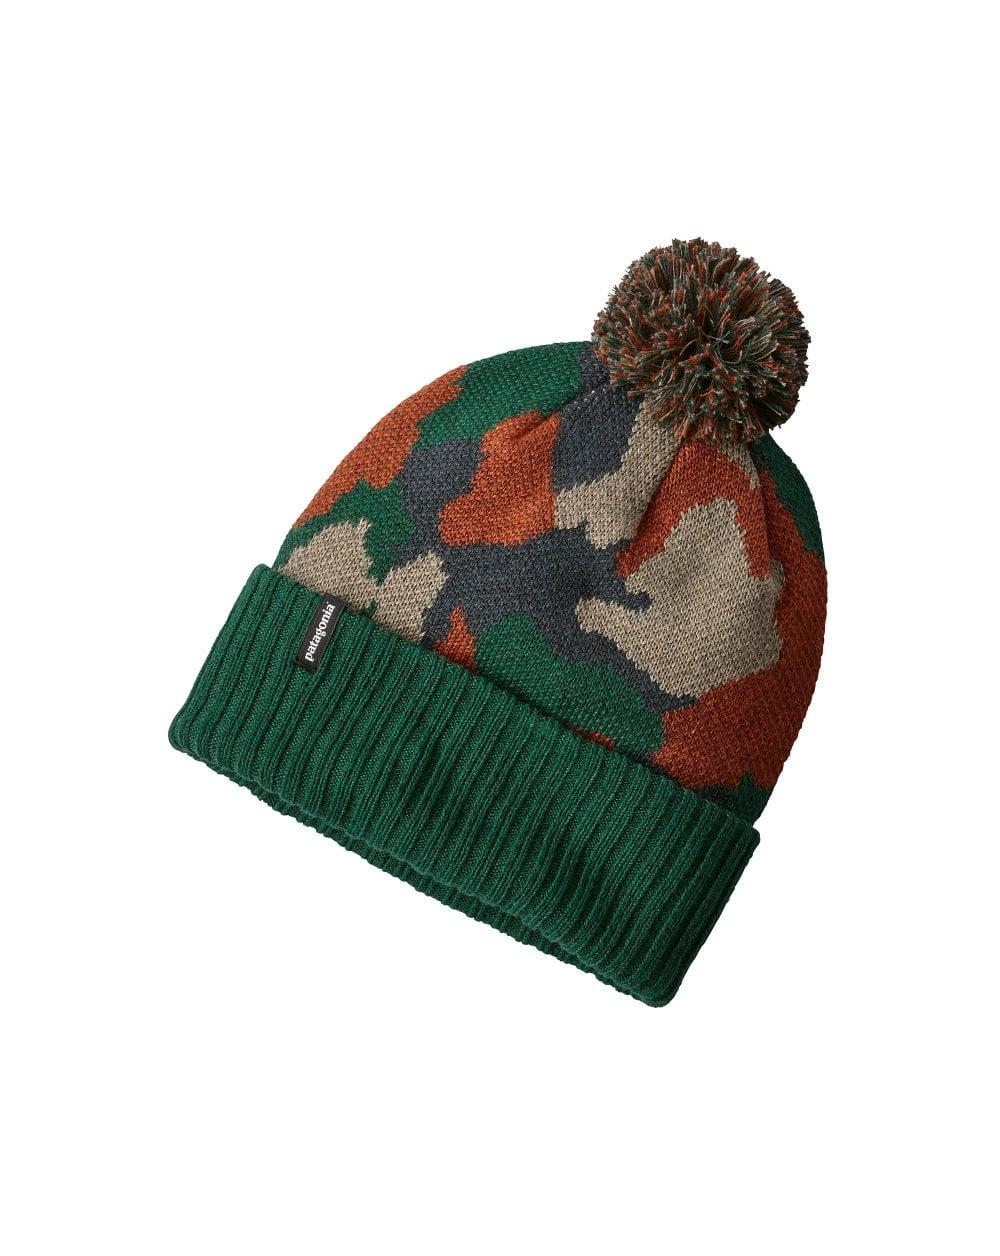 5e6bb9daaf1 Patagonia Patagonia Powder Town Bobble Beanie Hat Green Camo